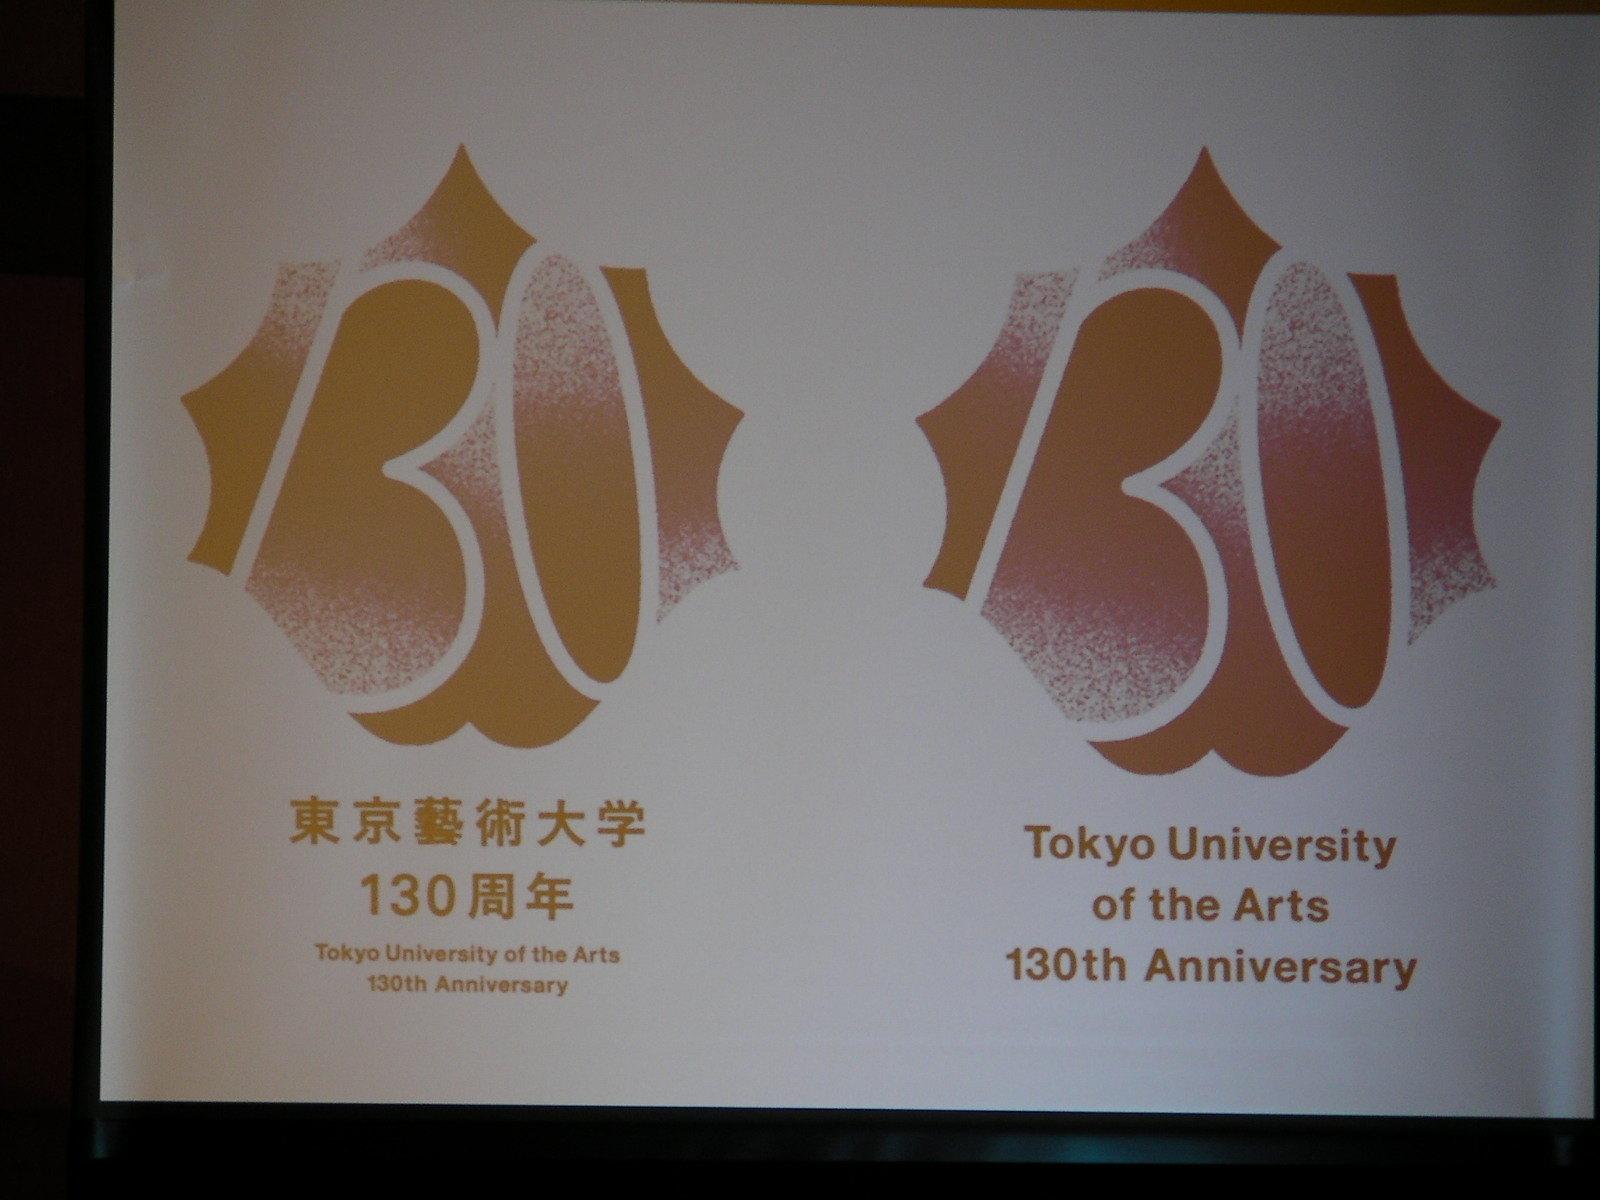 130周年事業のロゴは学内公募で選ばれた在学生のデザイン